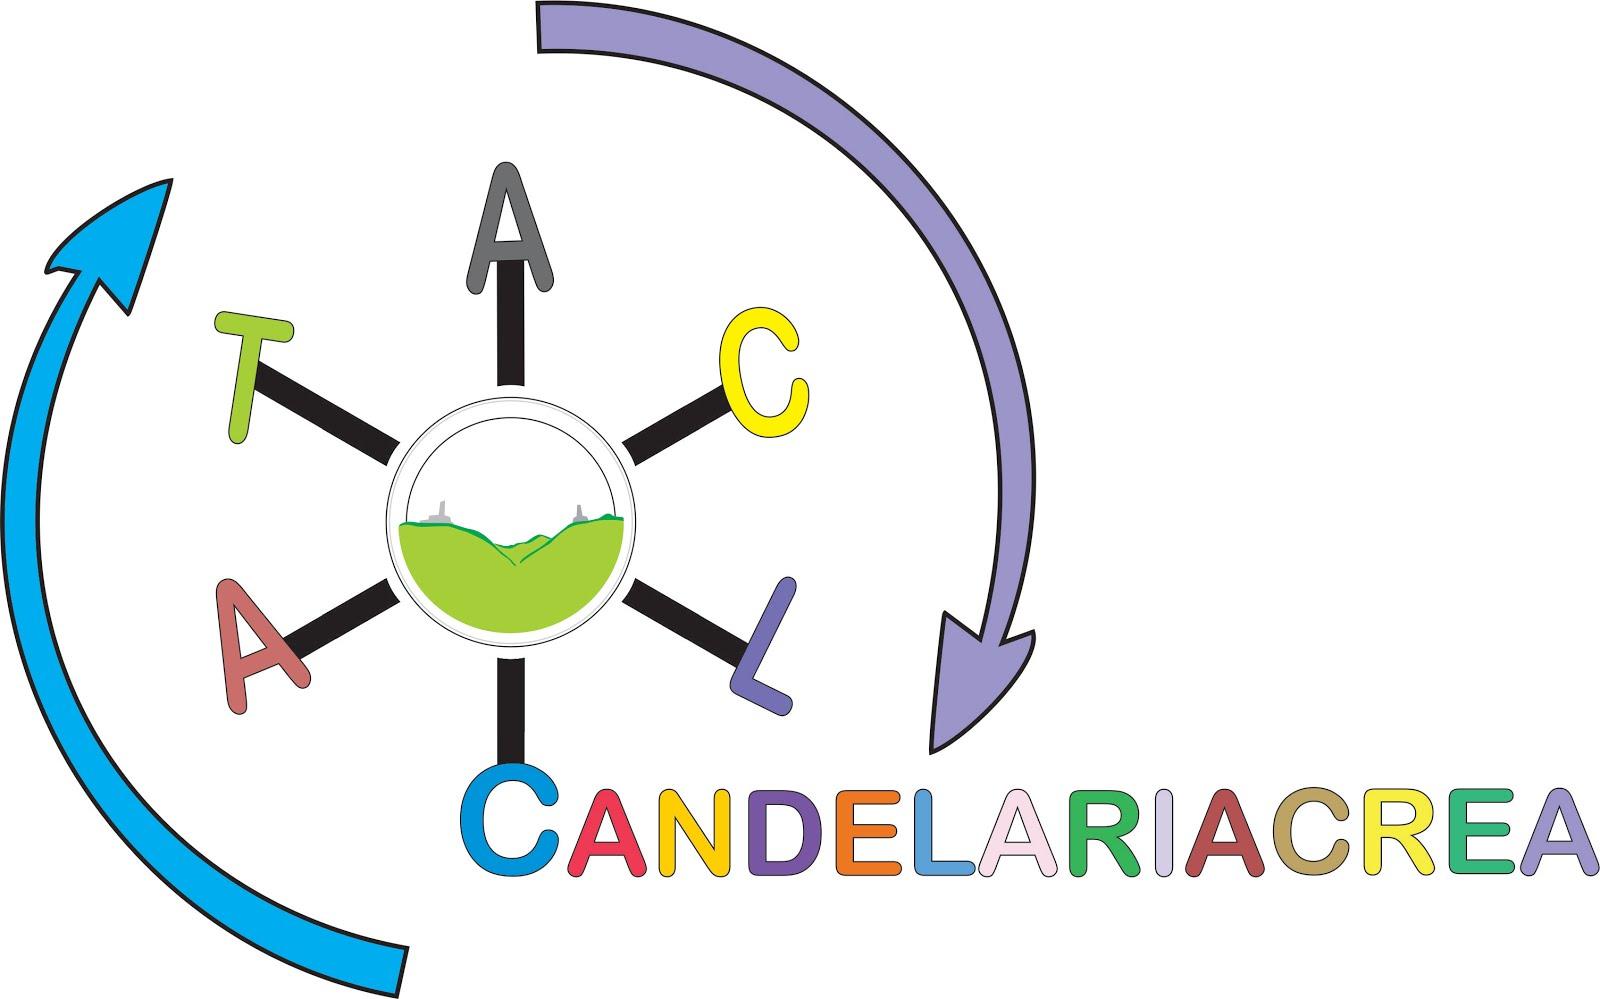 CANDELARIACREA 2015-2017